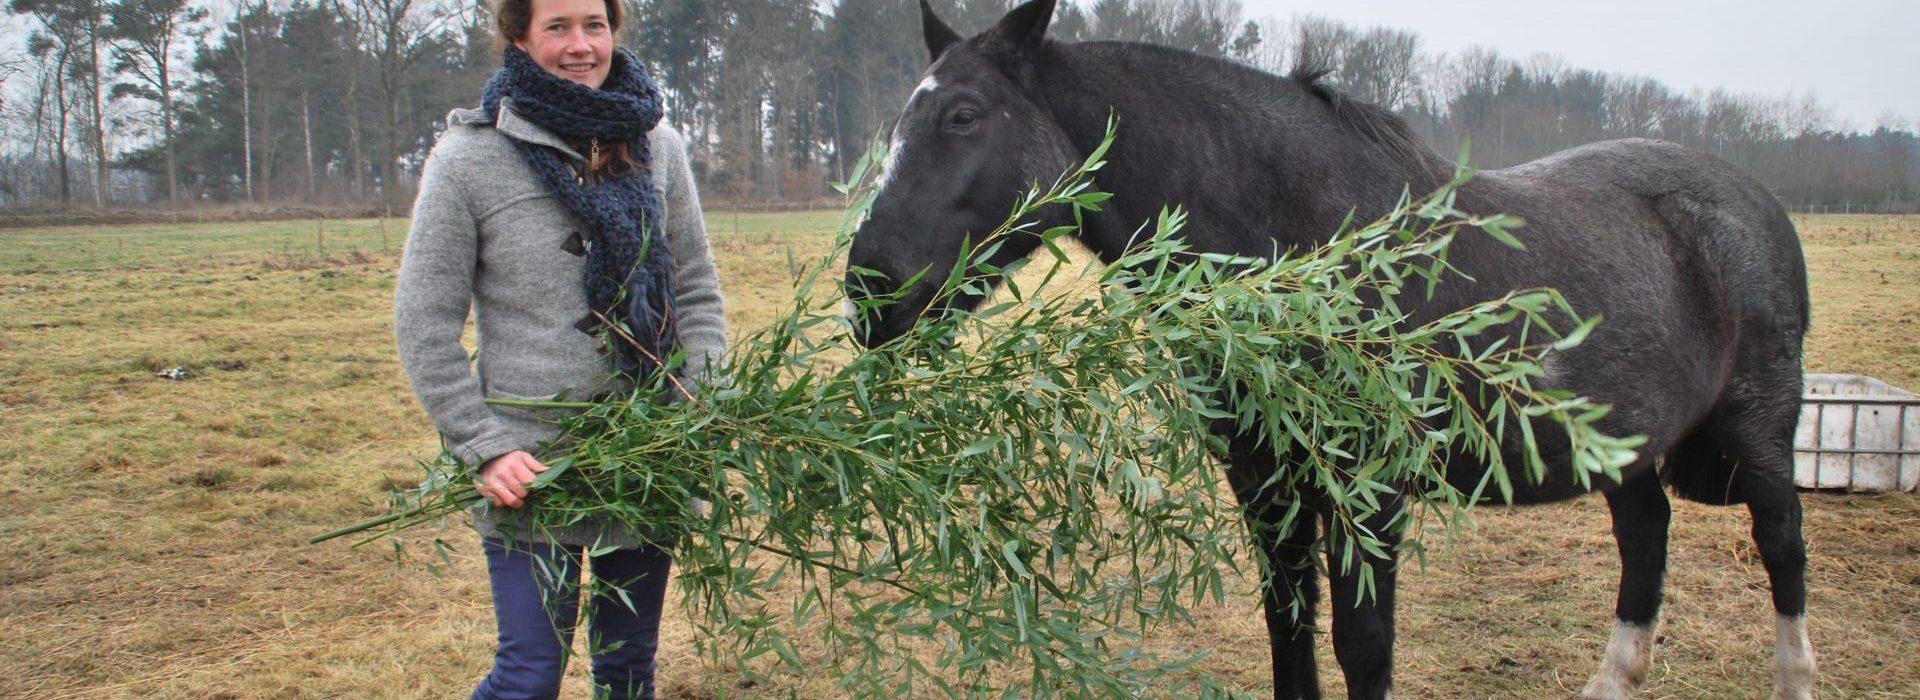 Paardenwelzijn verbeteren door de omgeving te verbeteren